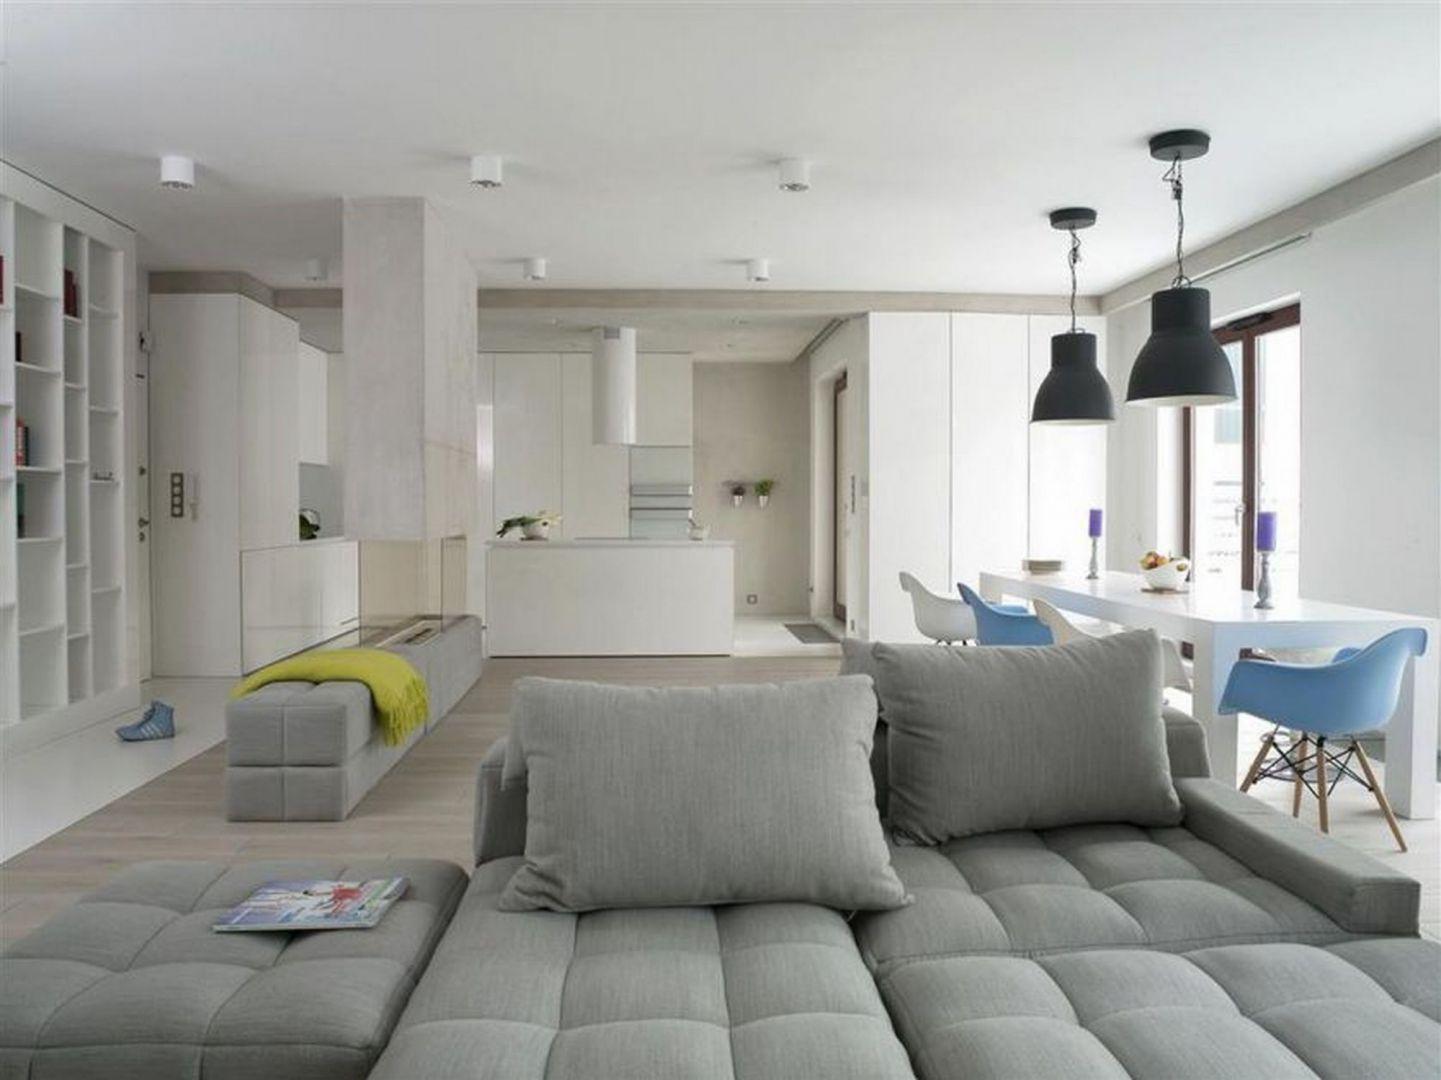 Pomysł na minimalistyczne wnętrze. Projekt: Monika i Adam Bronikowscy. Fot. Hola Design